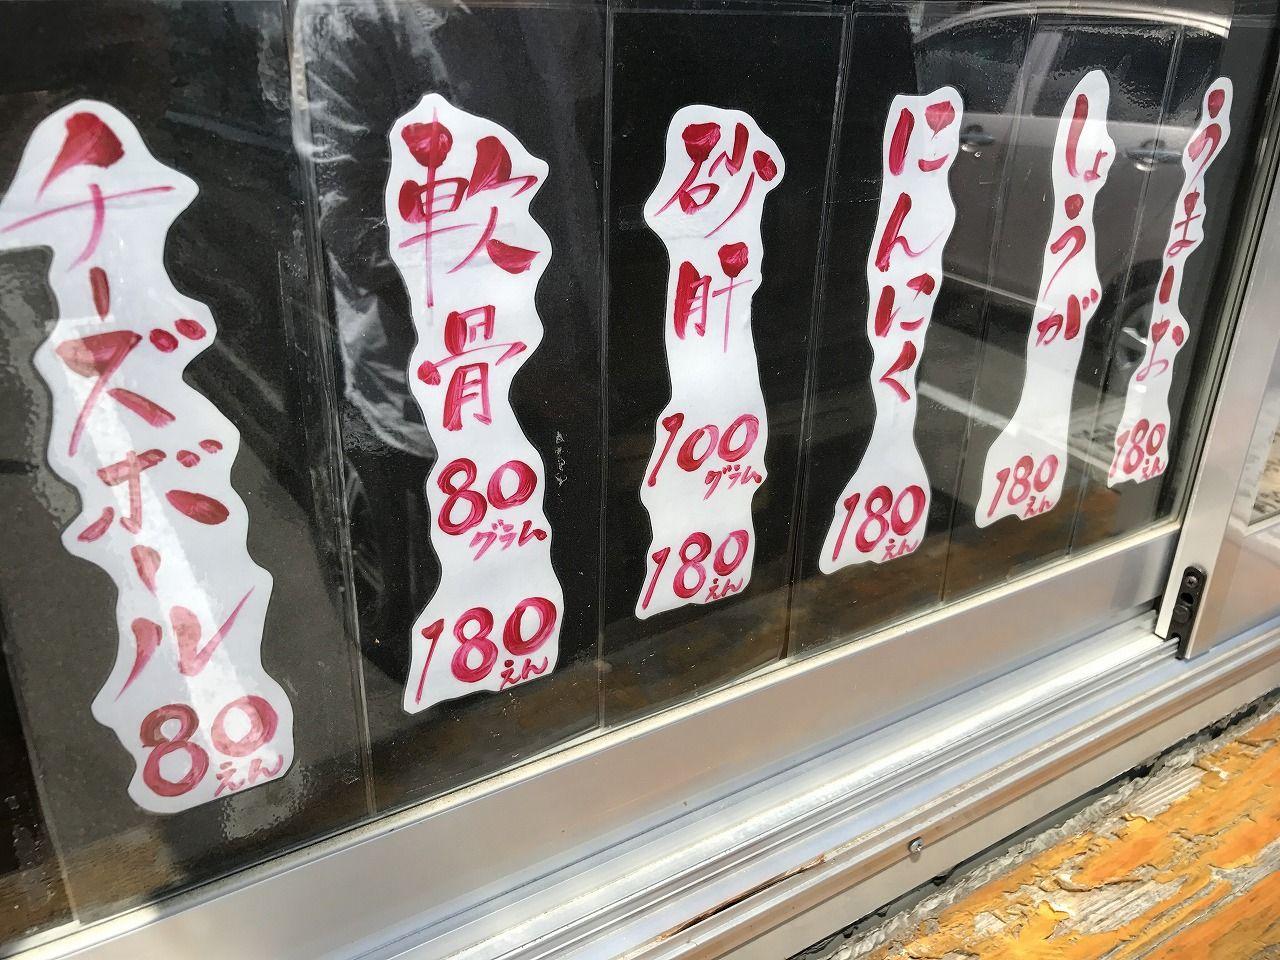 大湊Sora空っ! - 青森県むつ市 - city.mutsu.lg.jp